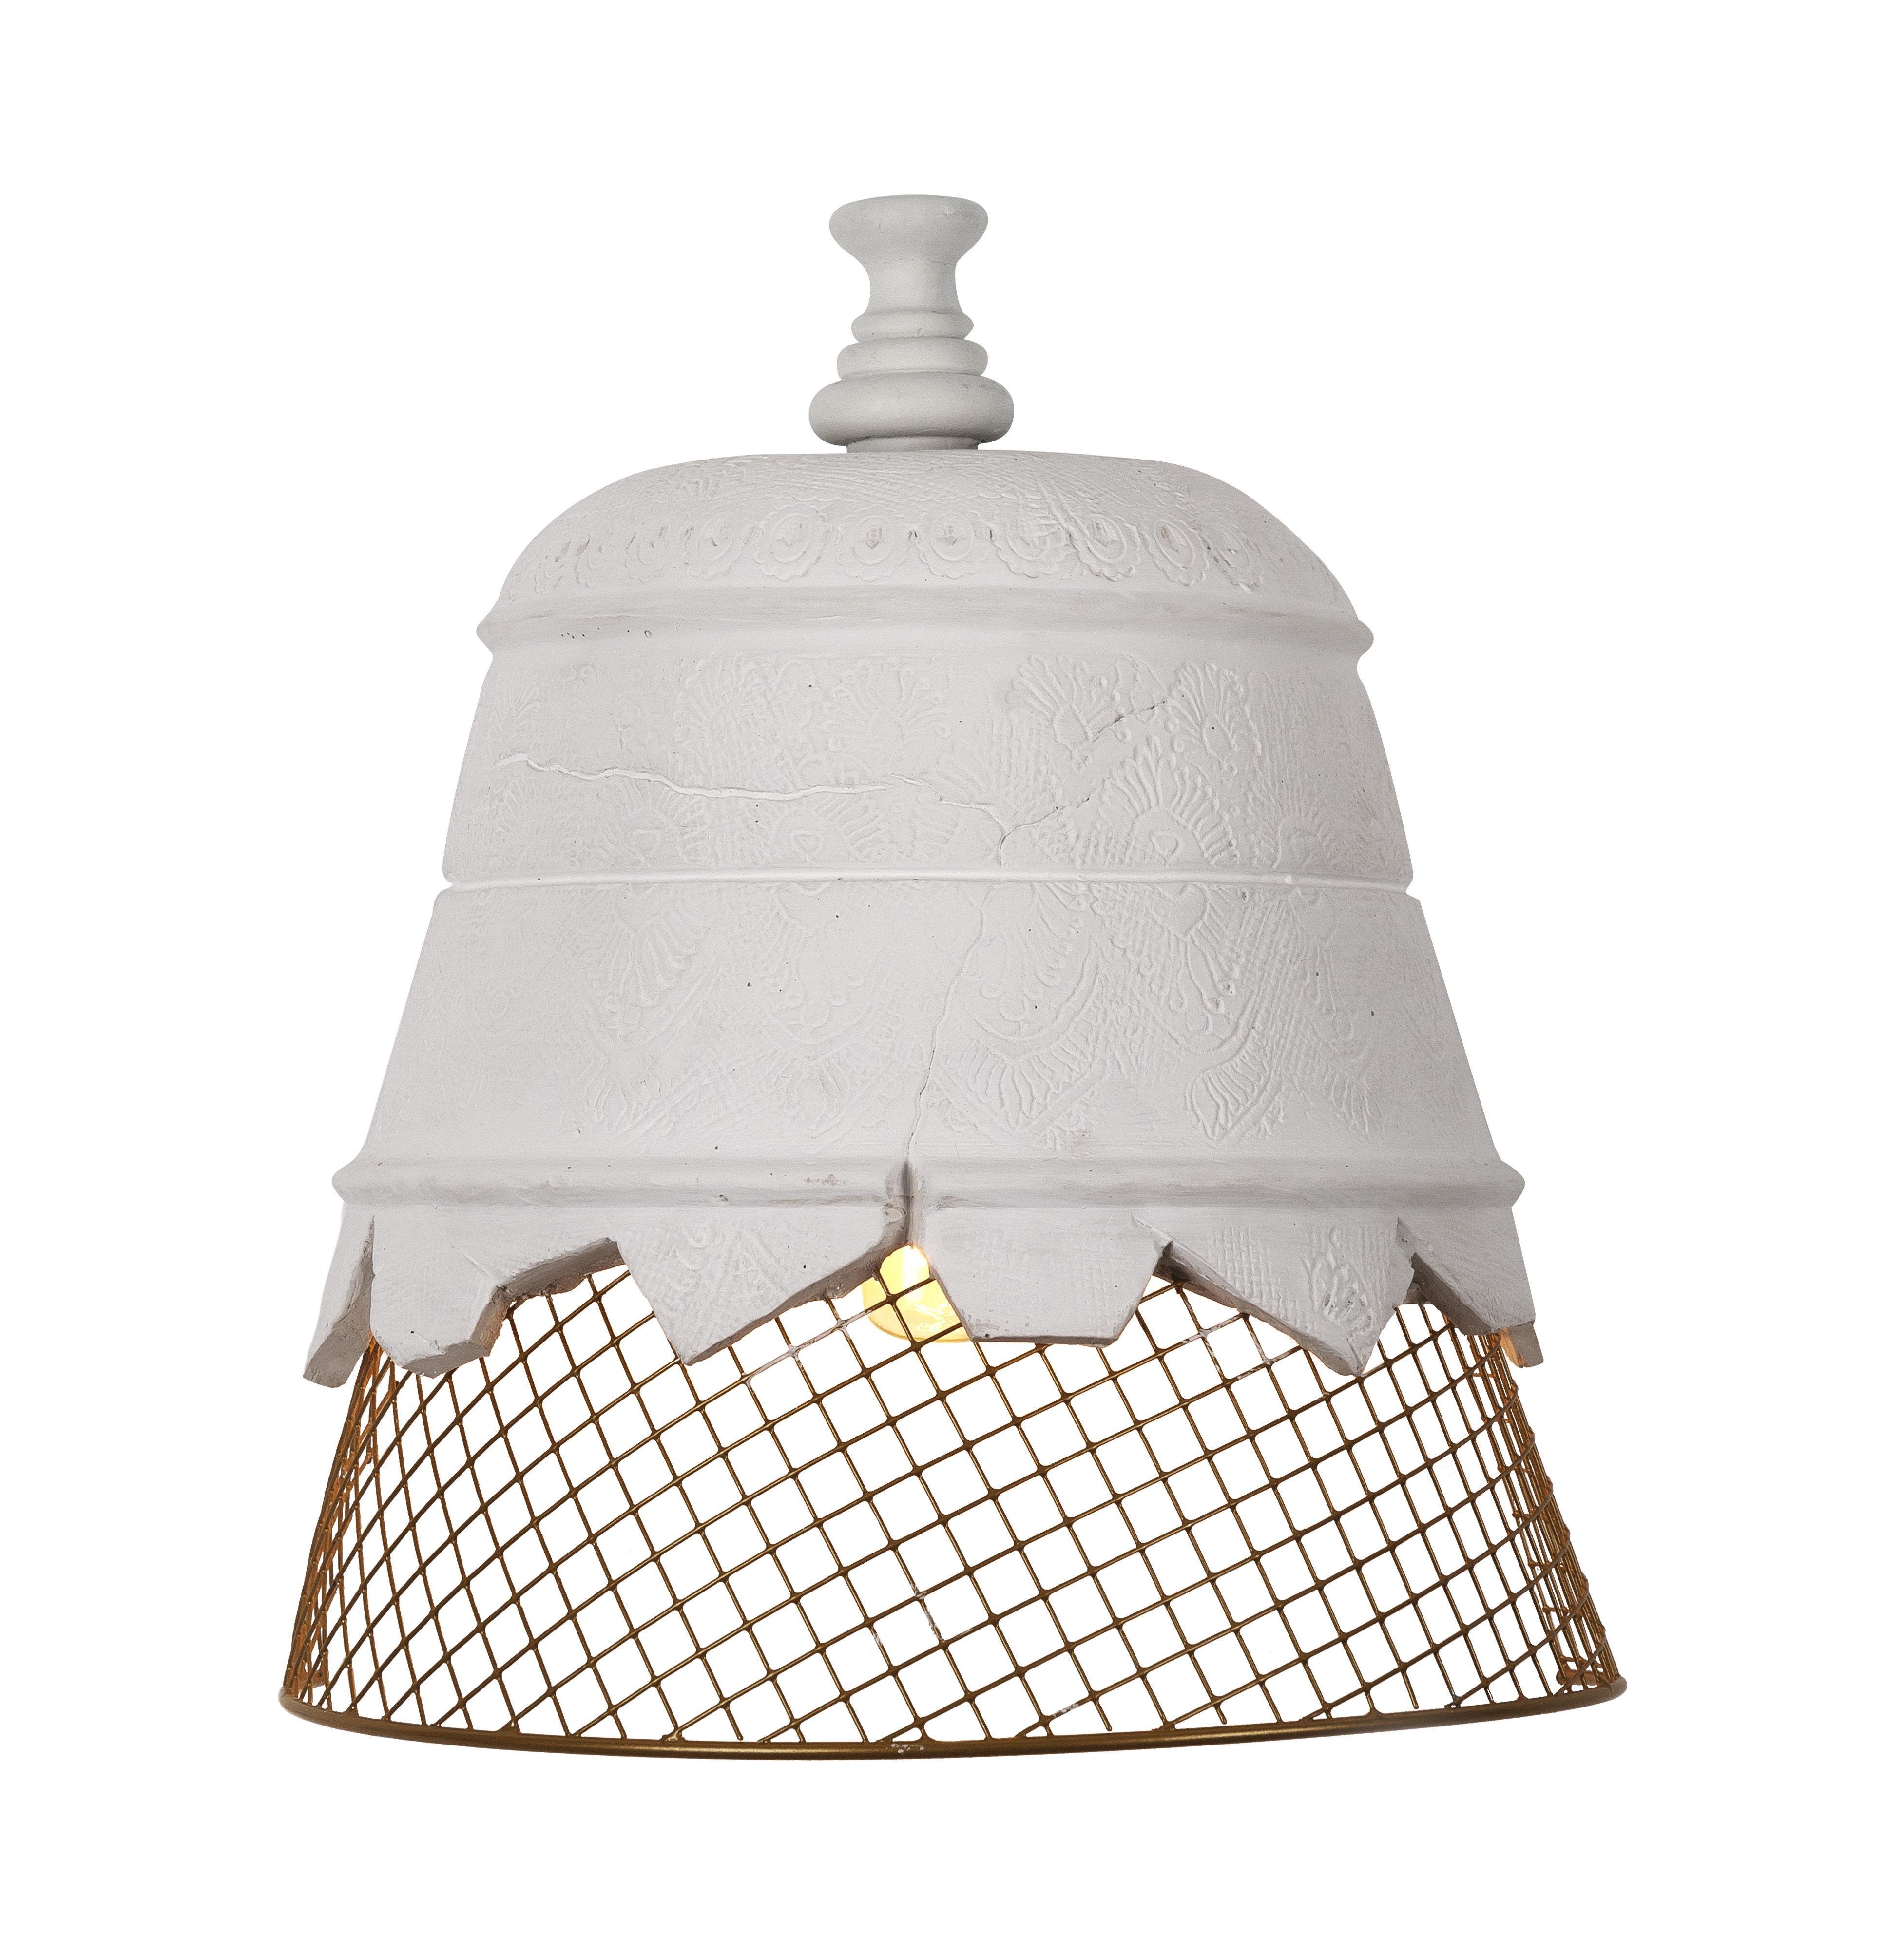 Luminaire - Appliques - Applique Domenica / Plâtre & résille métal - Karman - Plâtre blanc / Résille dorée - Métal, Plâtre